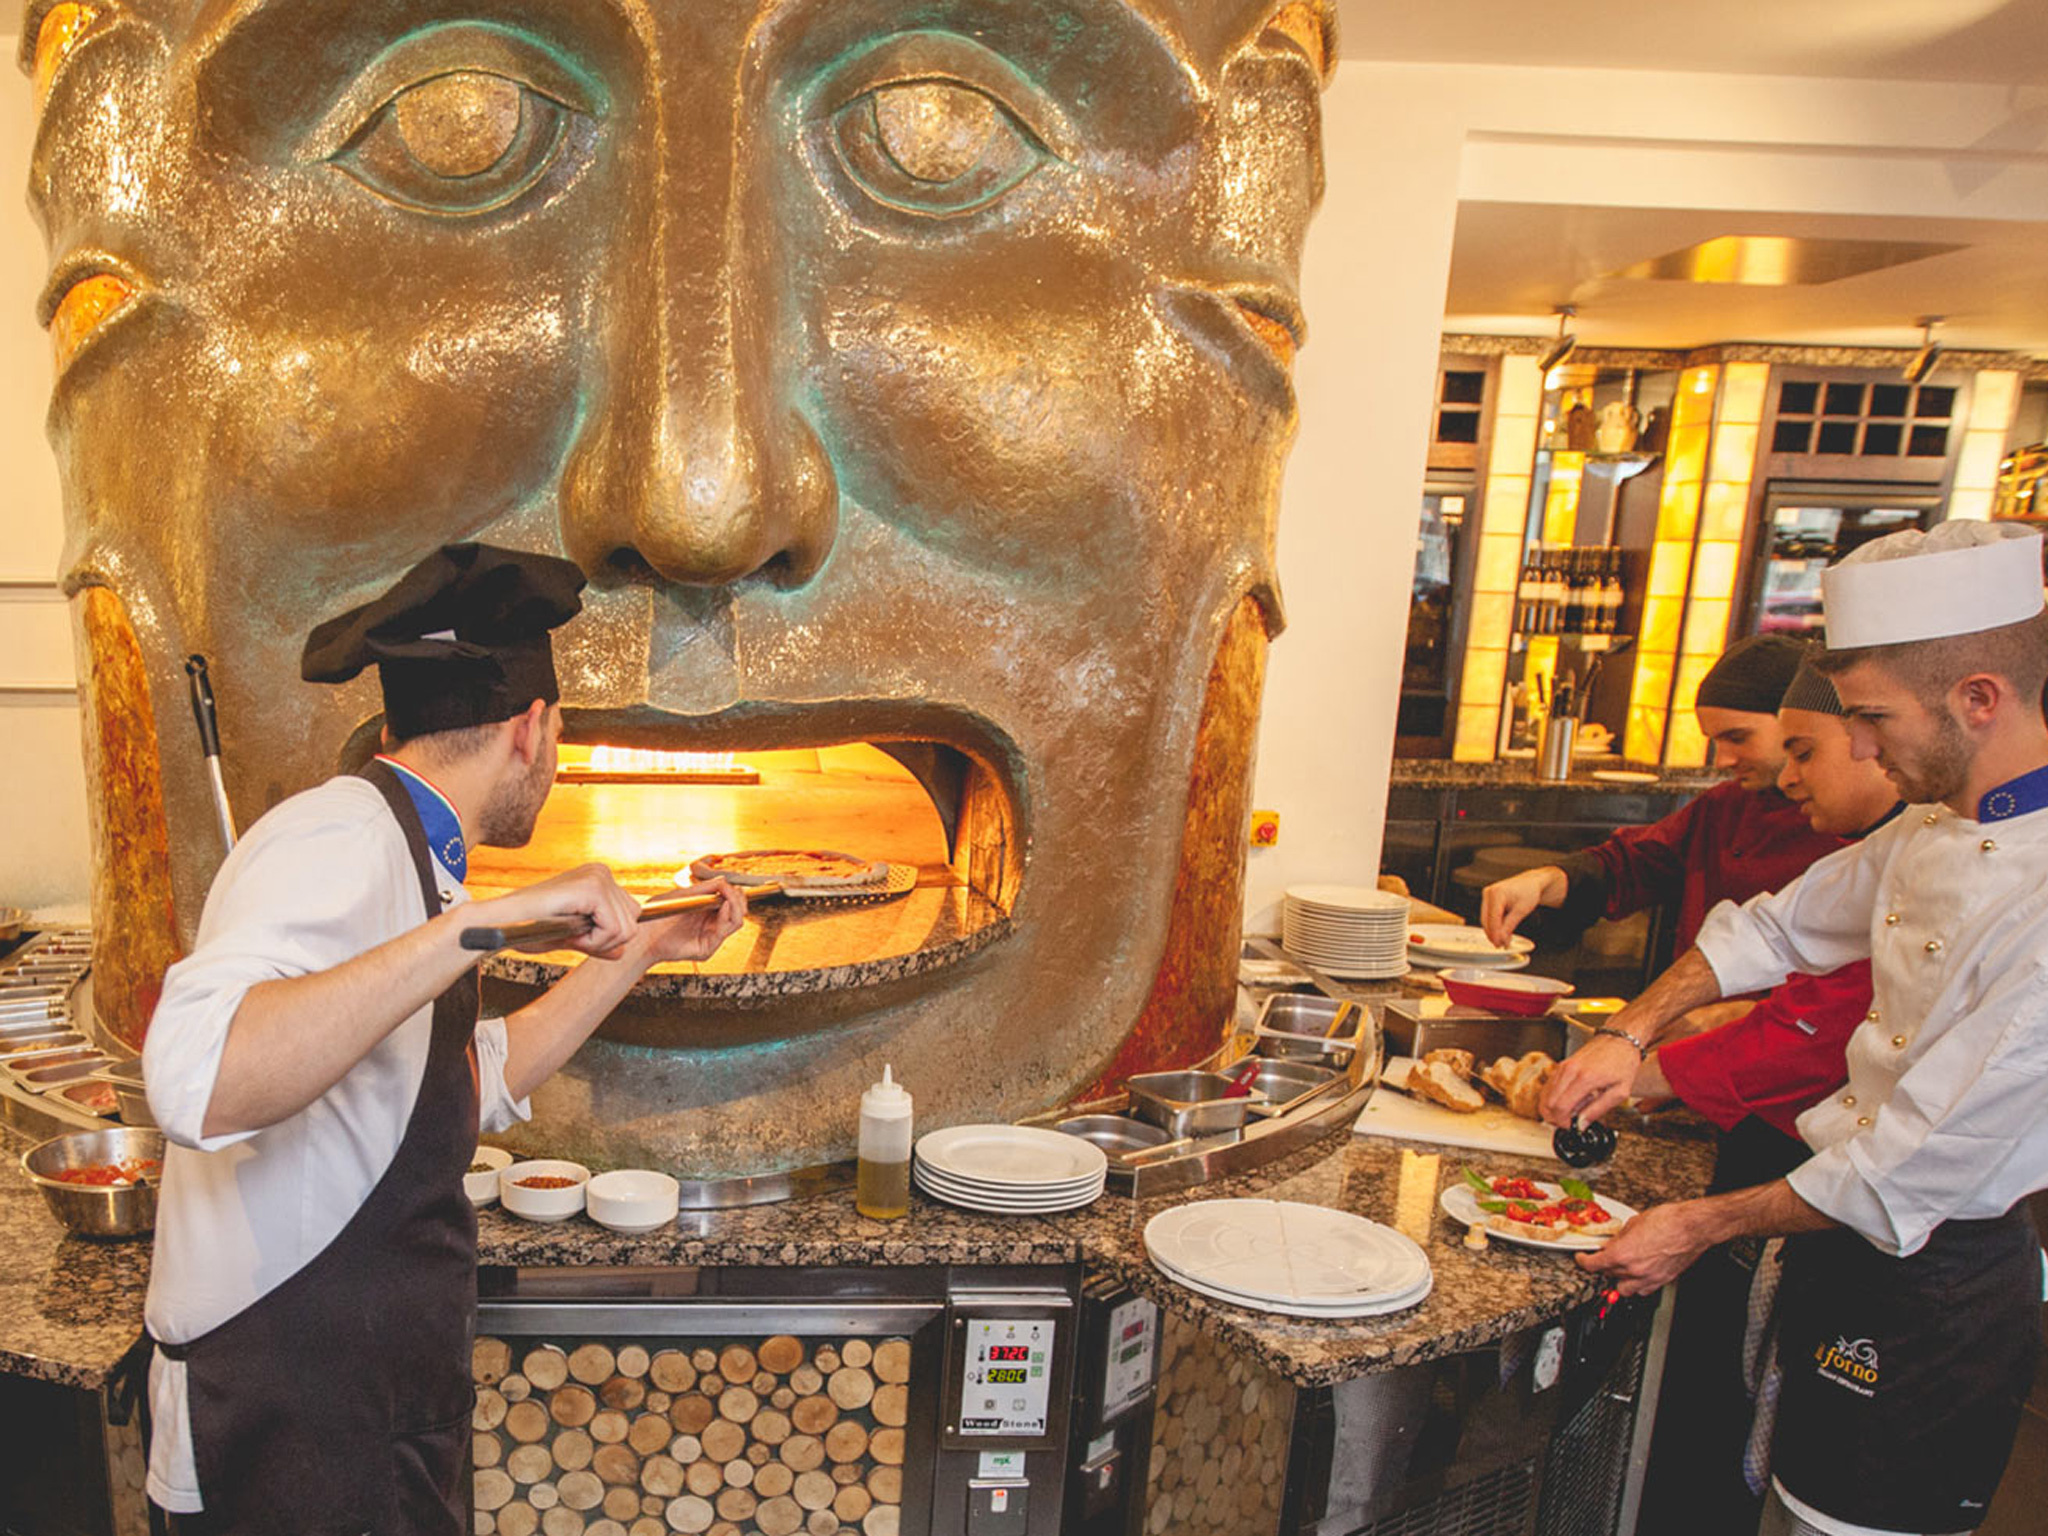 Il Forno restaurant in Liverpool